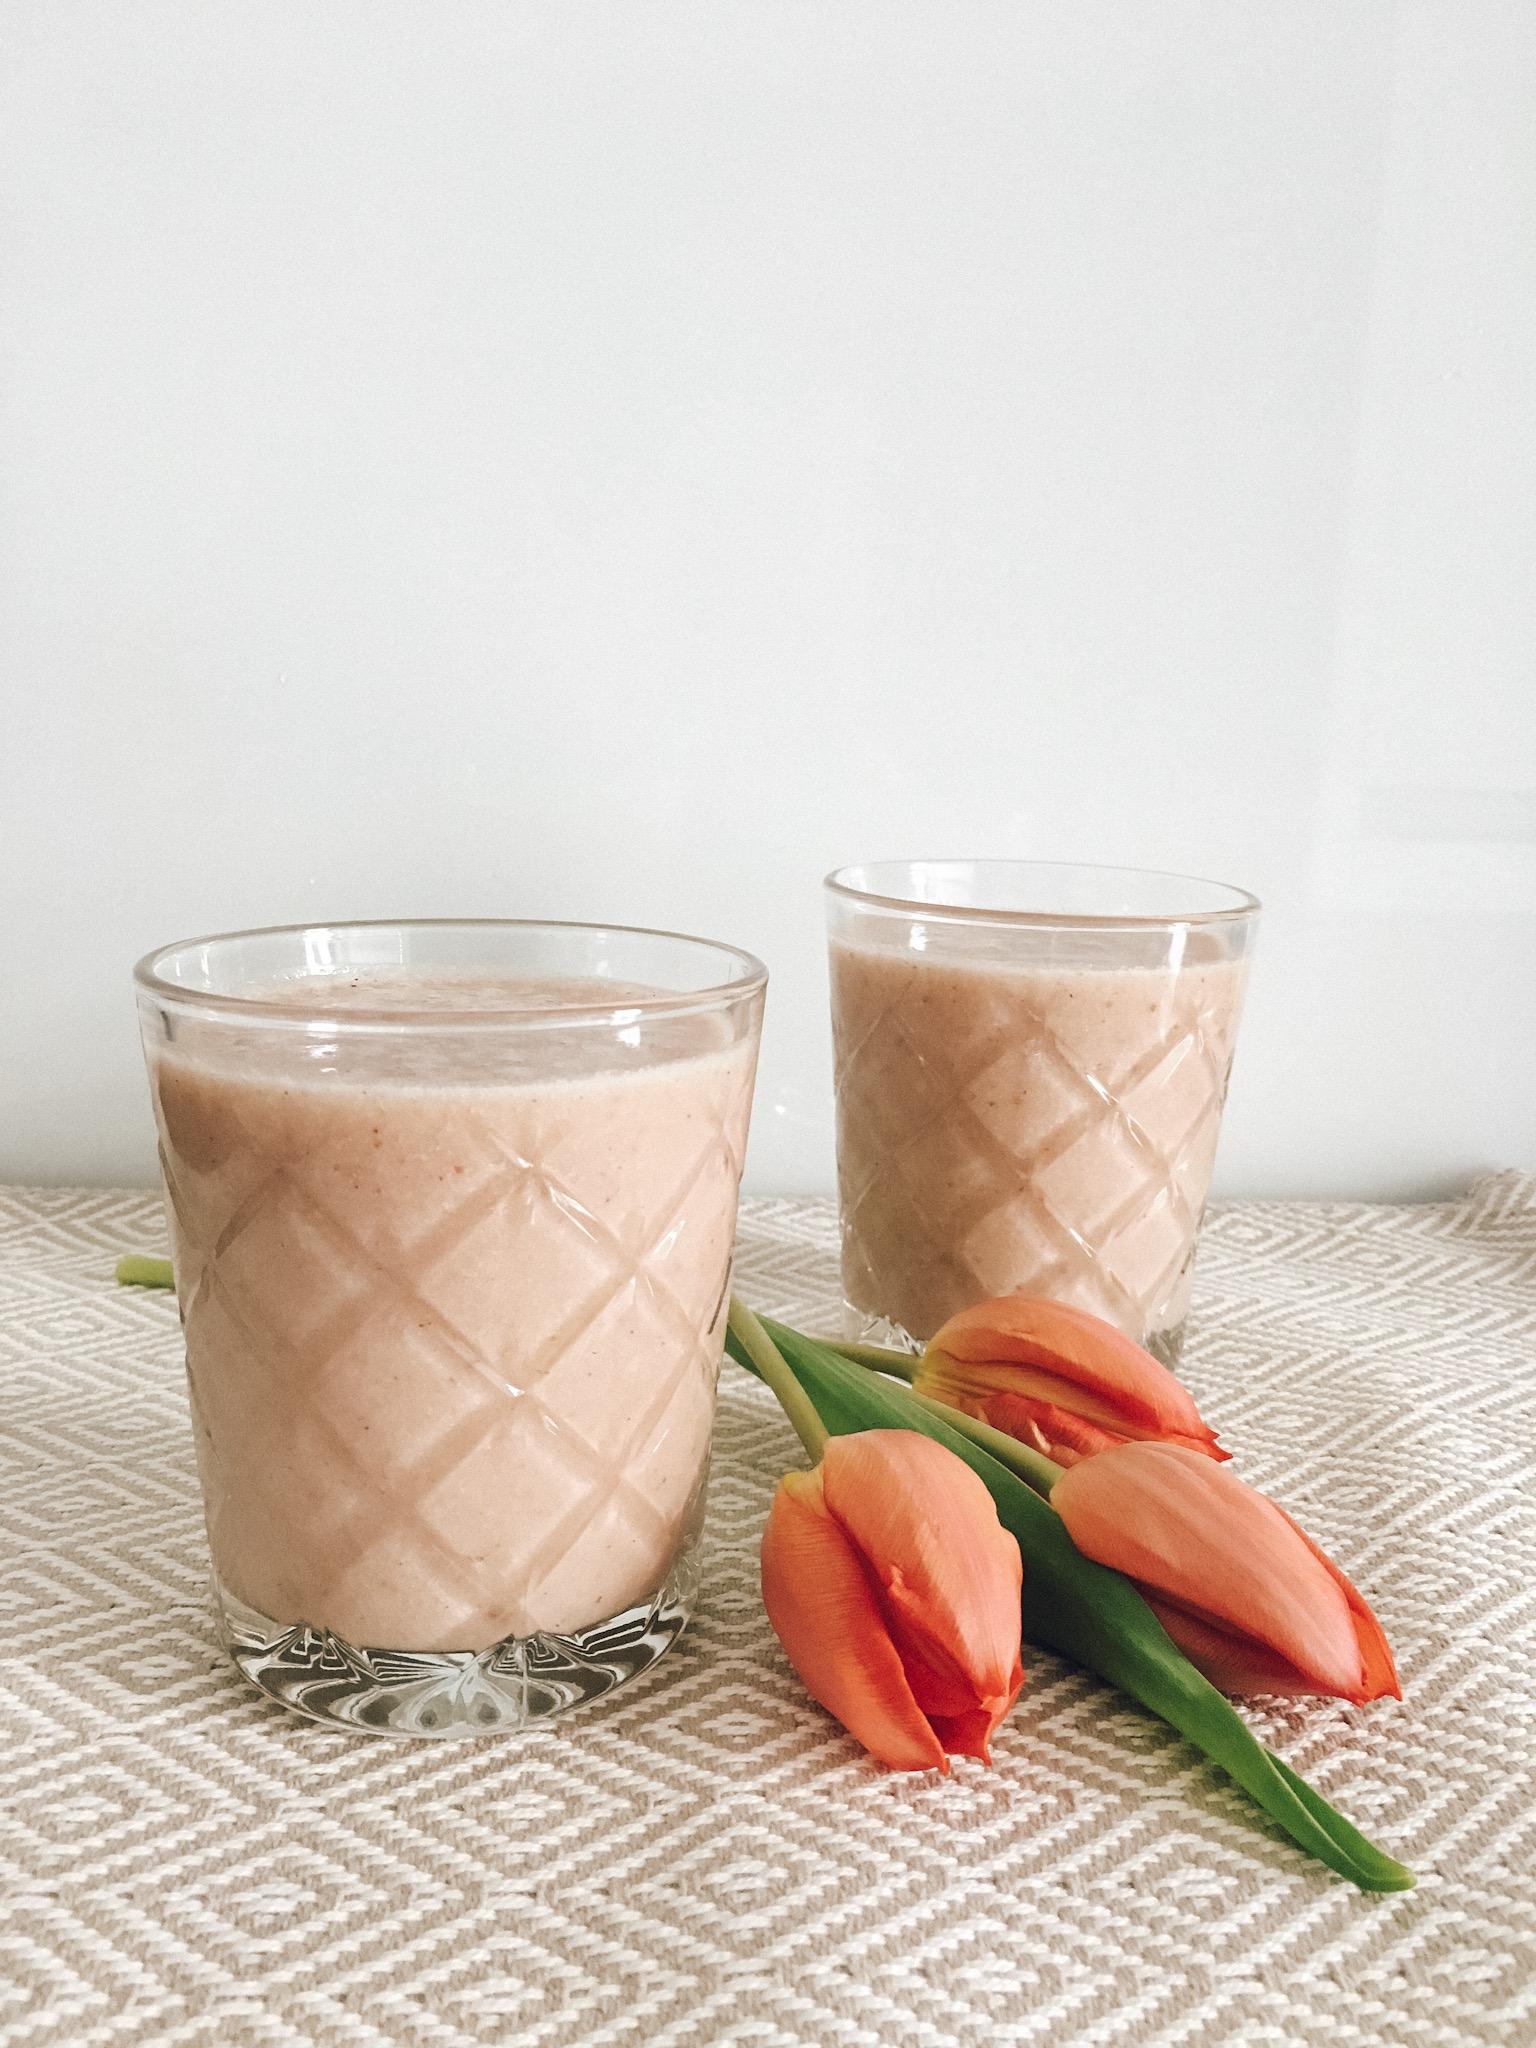 Summer-blush-smoothie-2